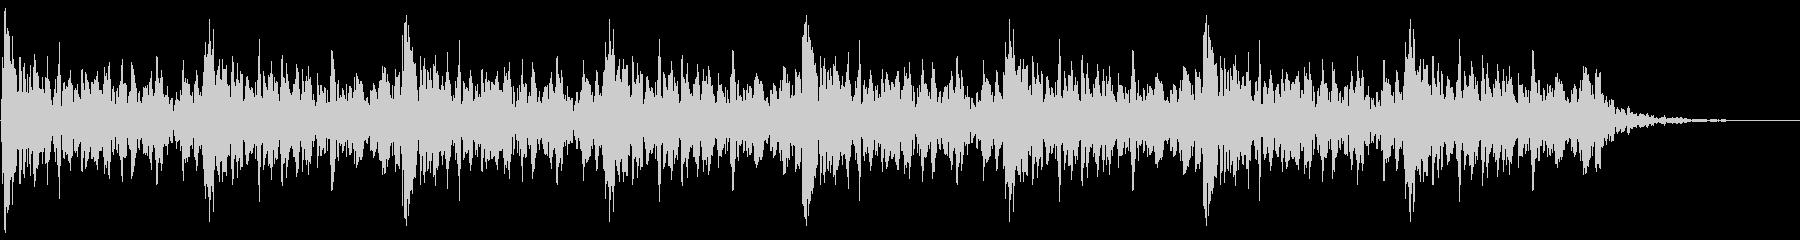 太鼓 躍動的 迫力 効果音 パターン4の未再生の波形